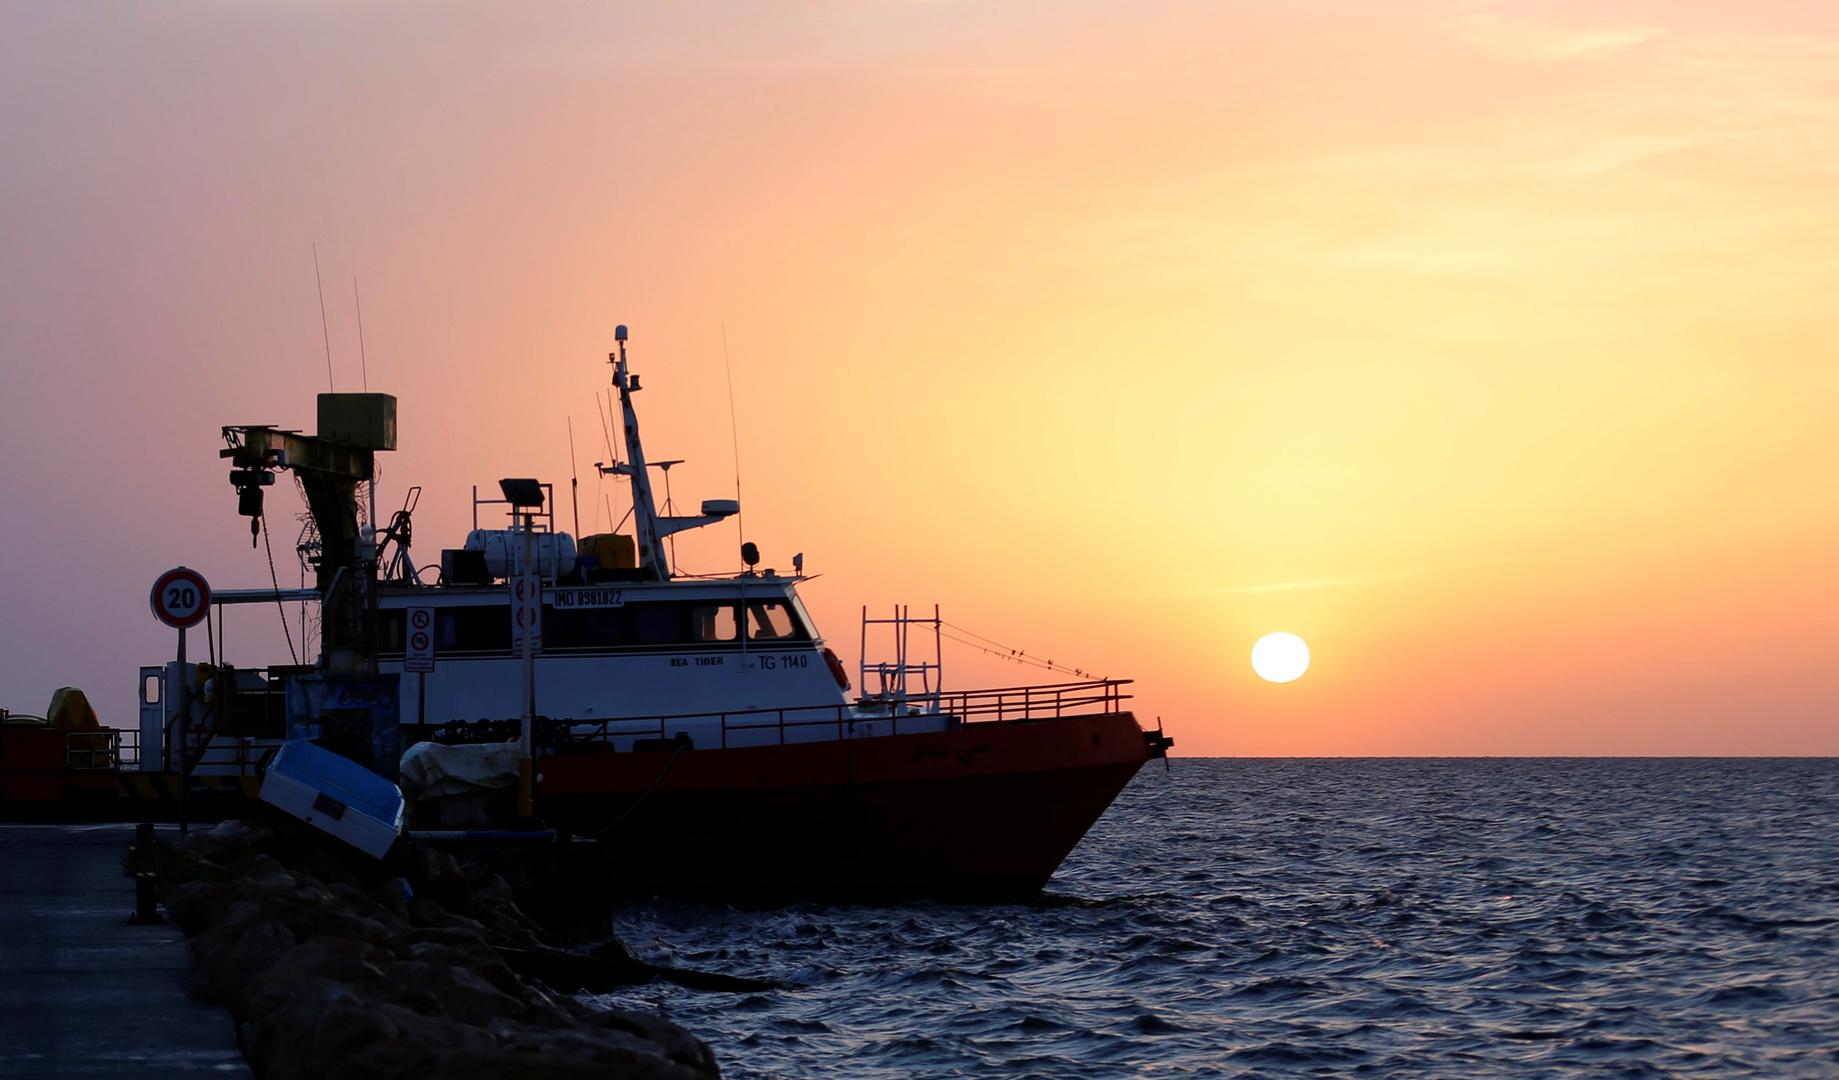 غرق 40 مهاجرا إفريقيا قبالة سواحل تونس